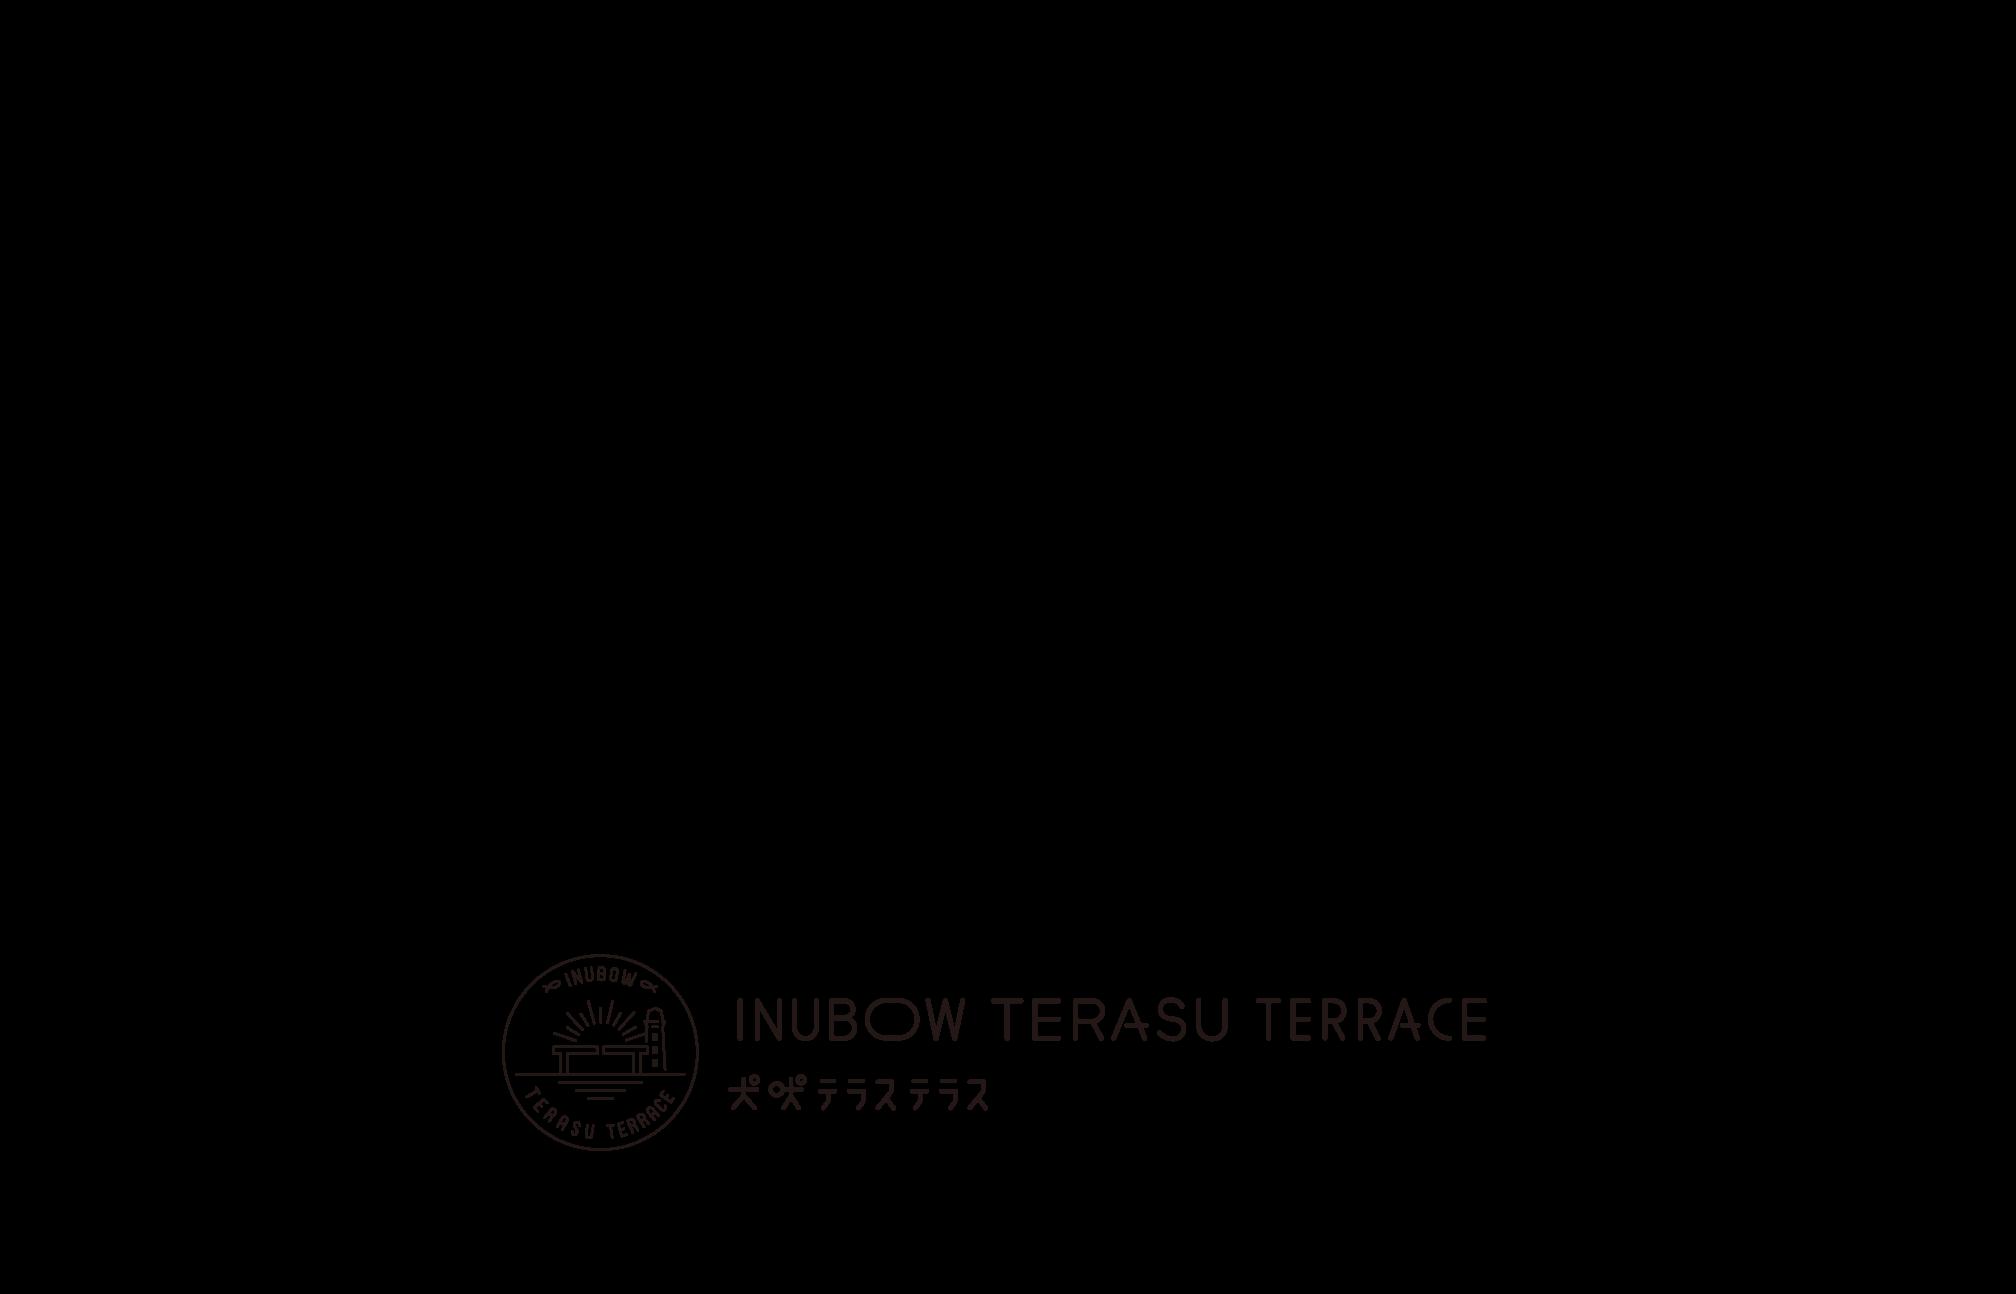 INUBOW TERASU TERRACE